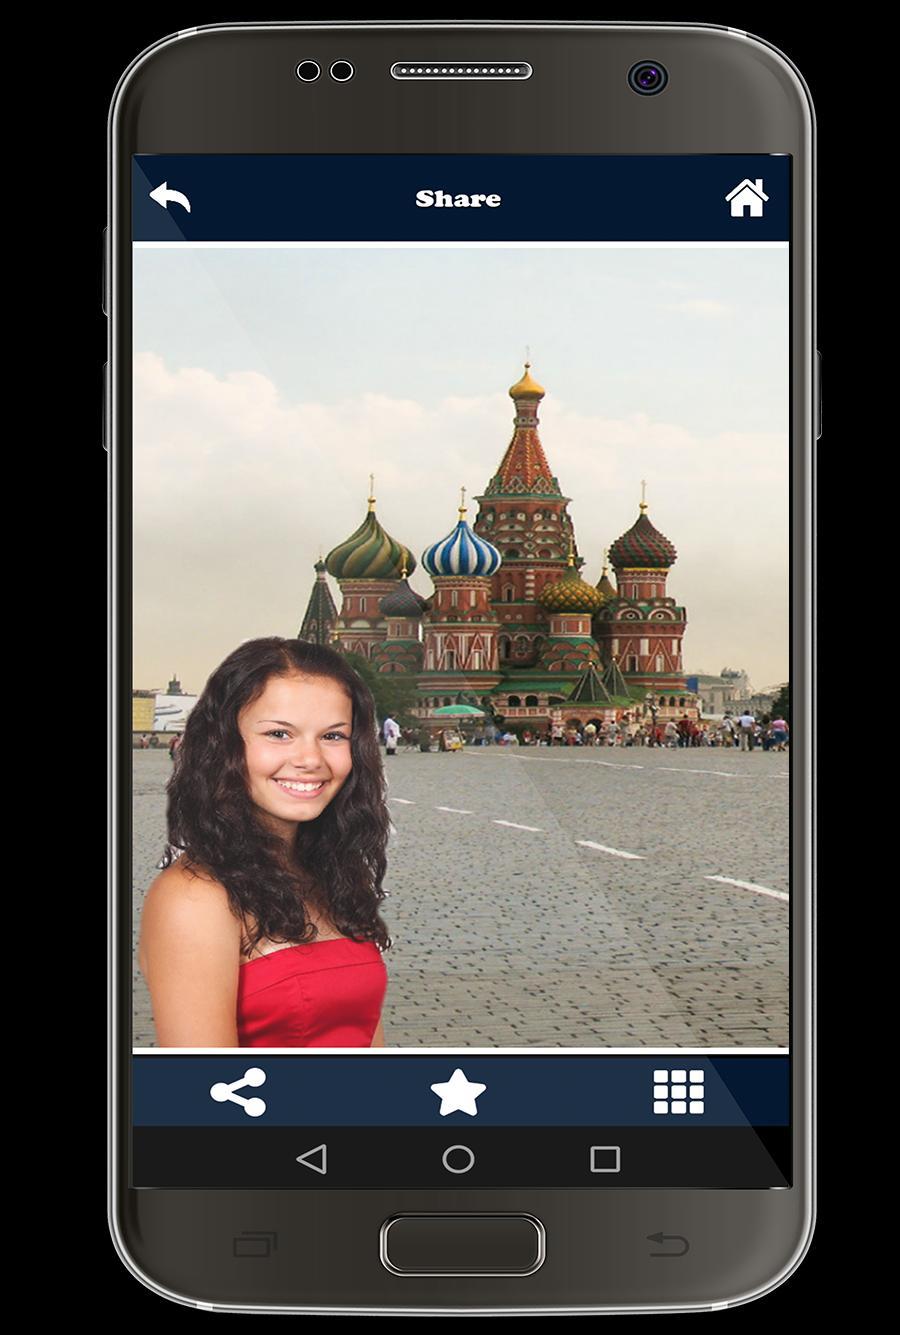 приложение айфона для изменения фона на фото грамотно подобранному гарнитуру